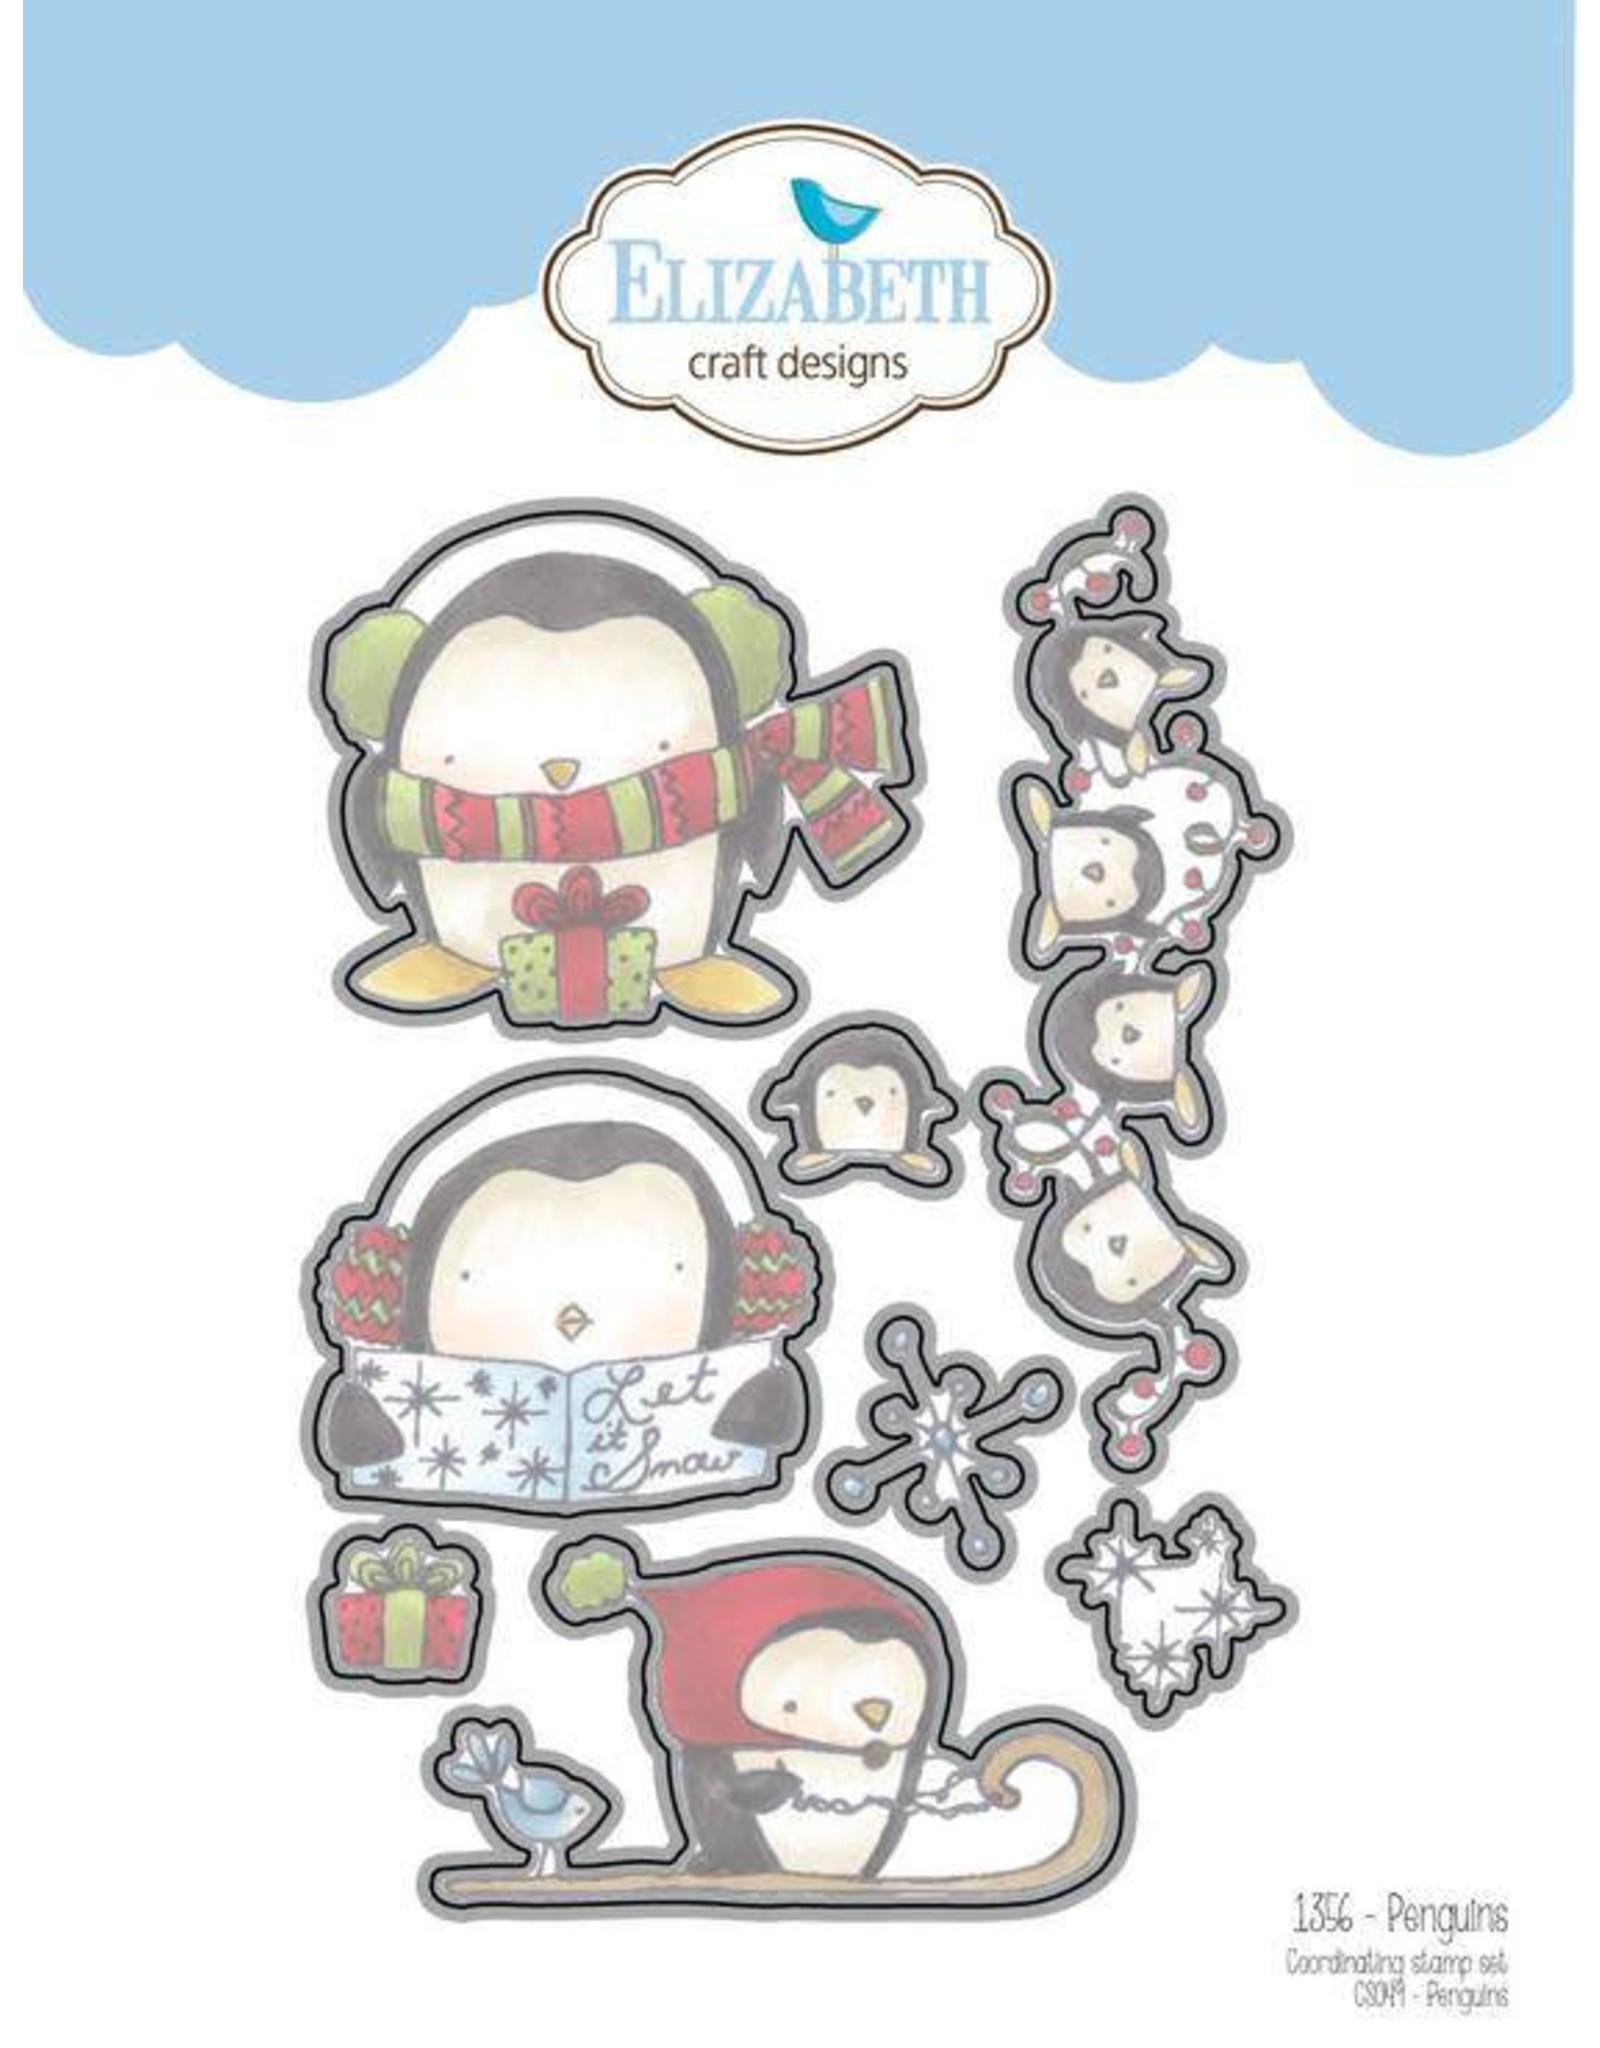 Elizabeth Craft Designs Elizabeth Craft Designs Penguins dies 1356